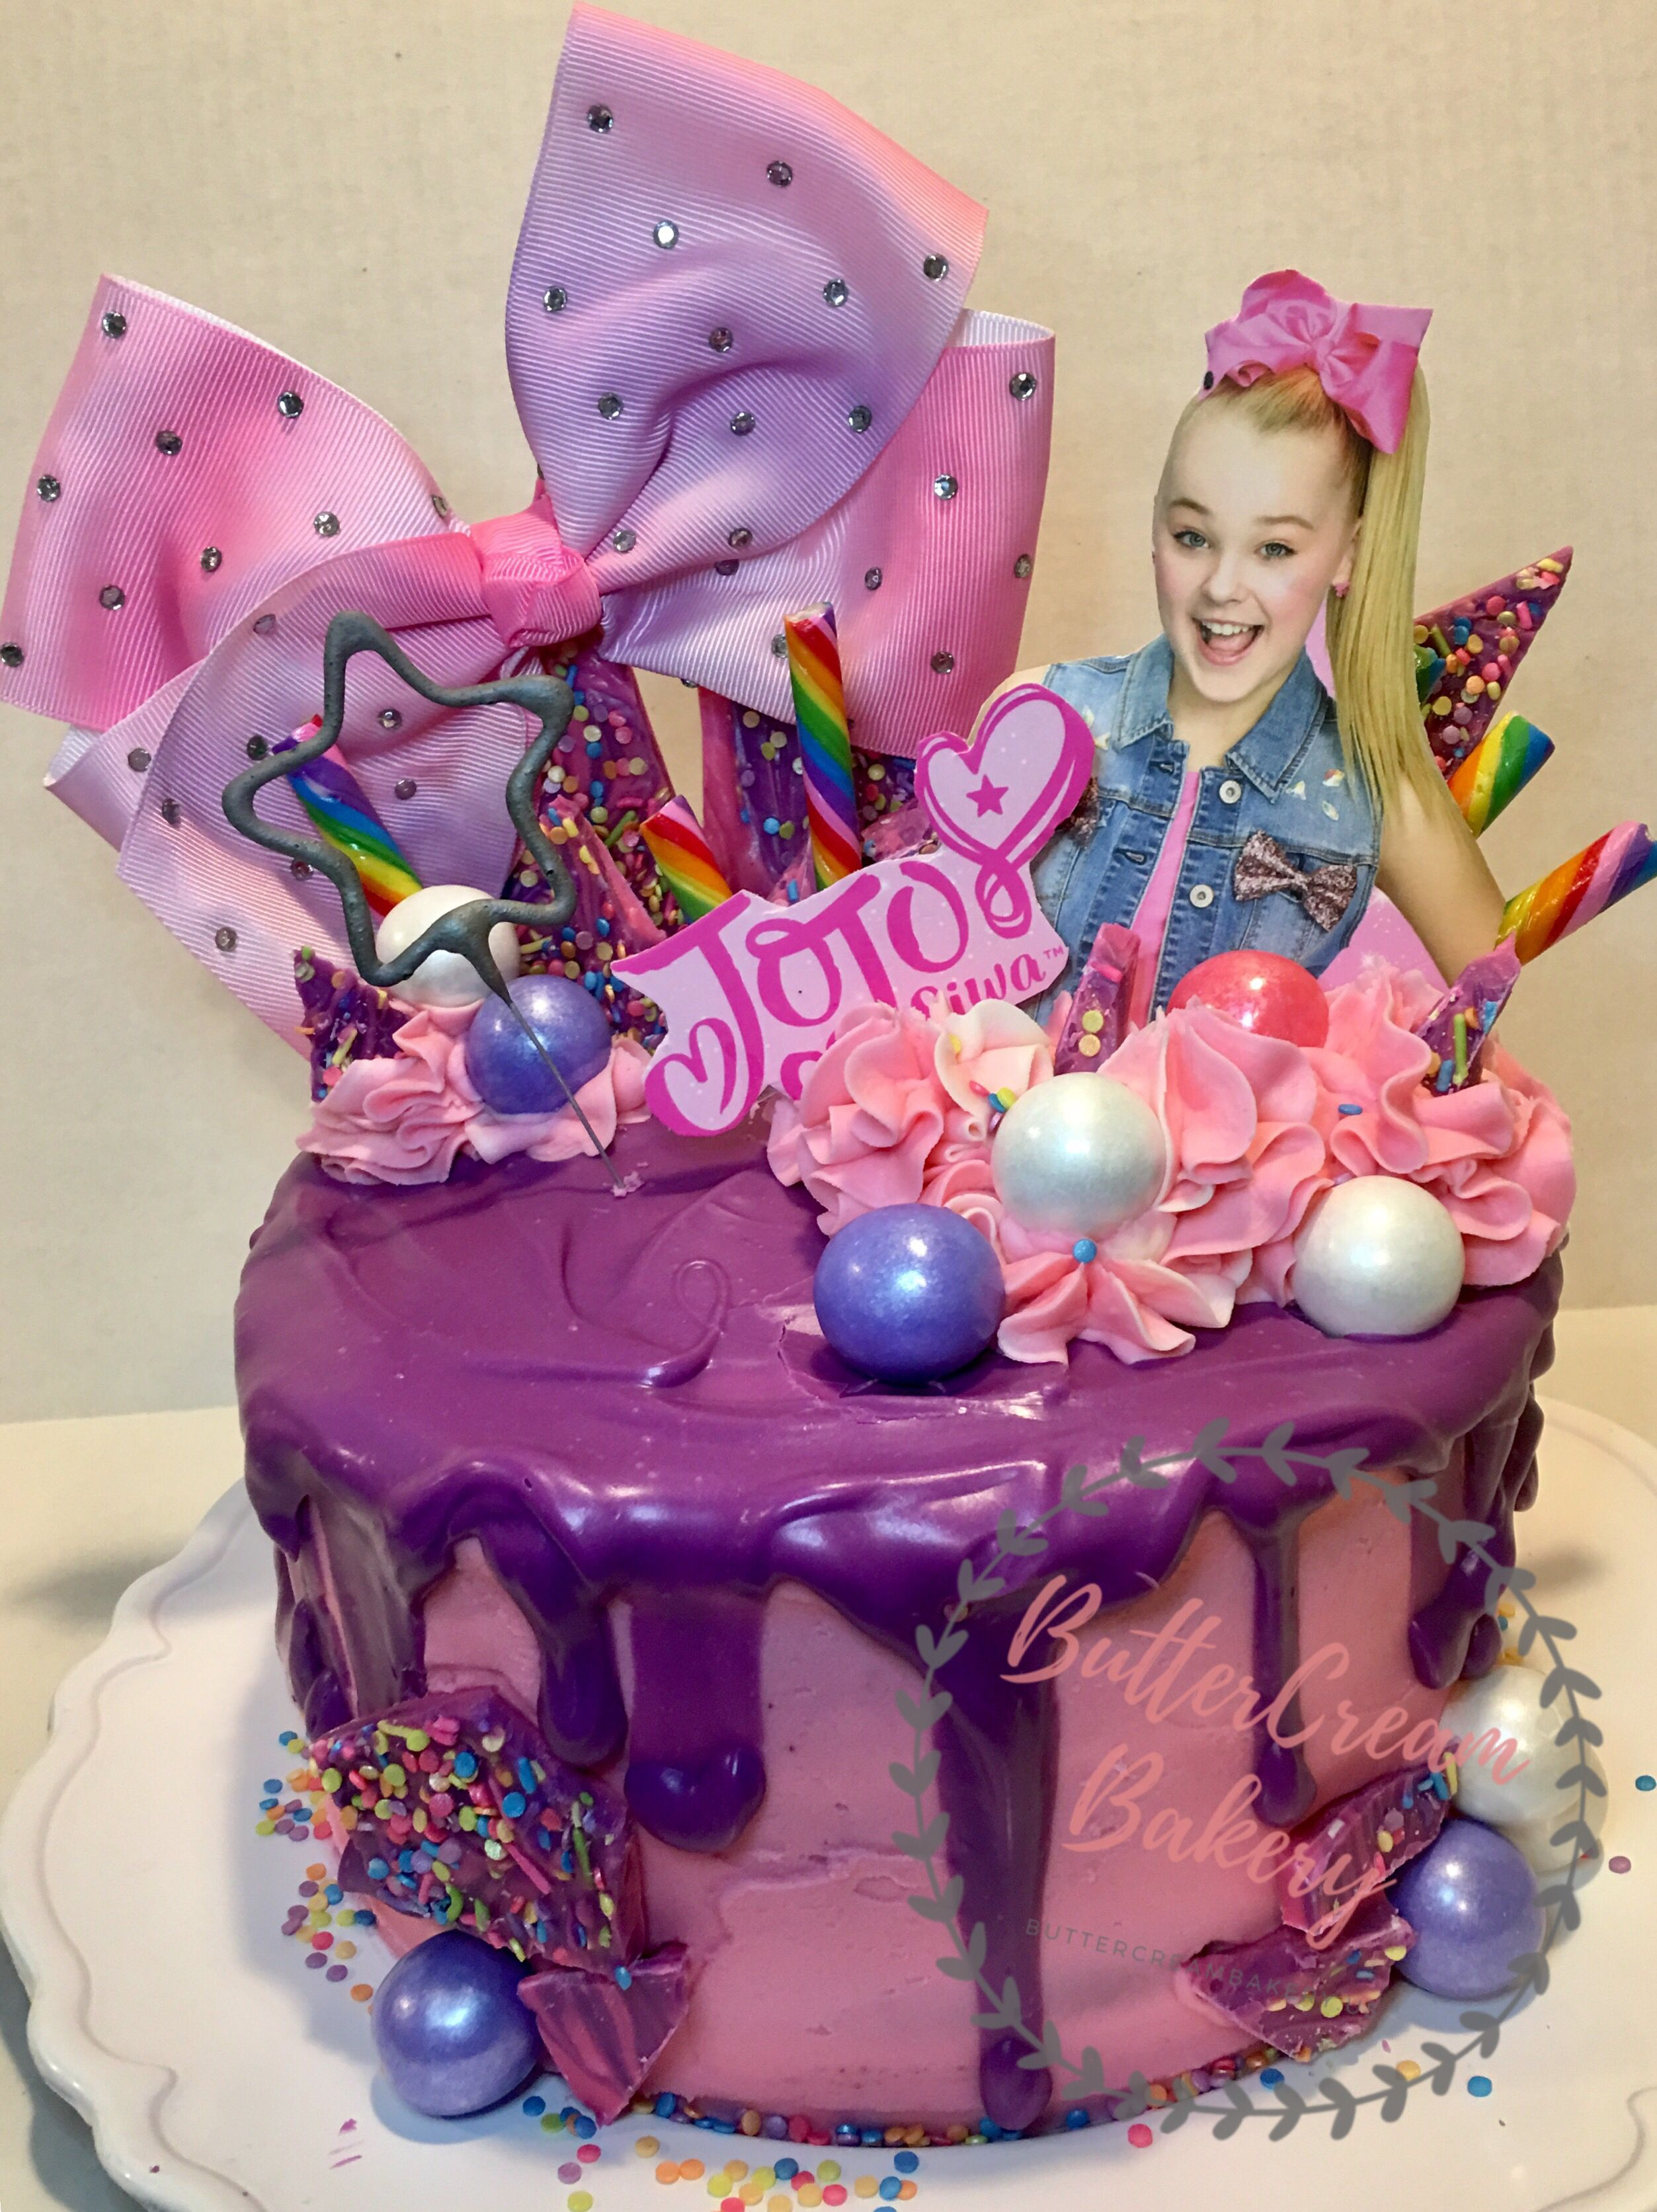 Jojo Siwa Ninth Birthdays Girls Drip Cake Sparklers Candy